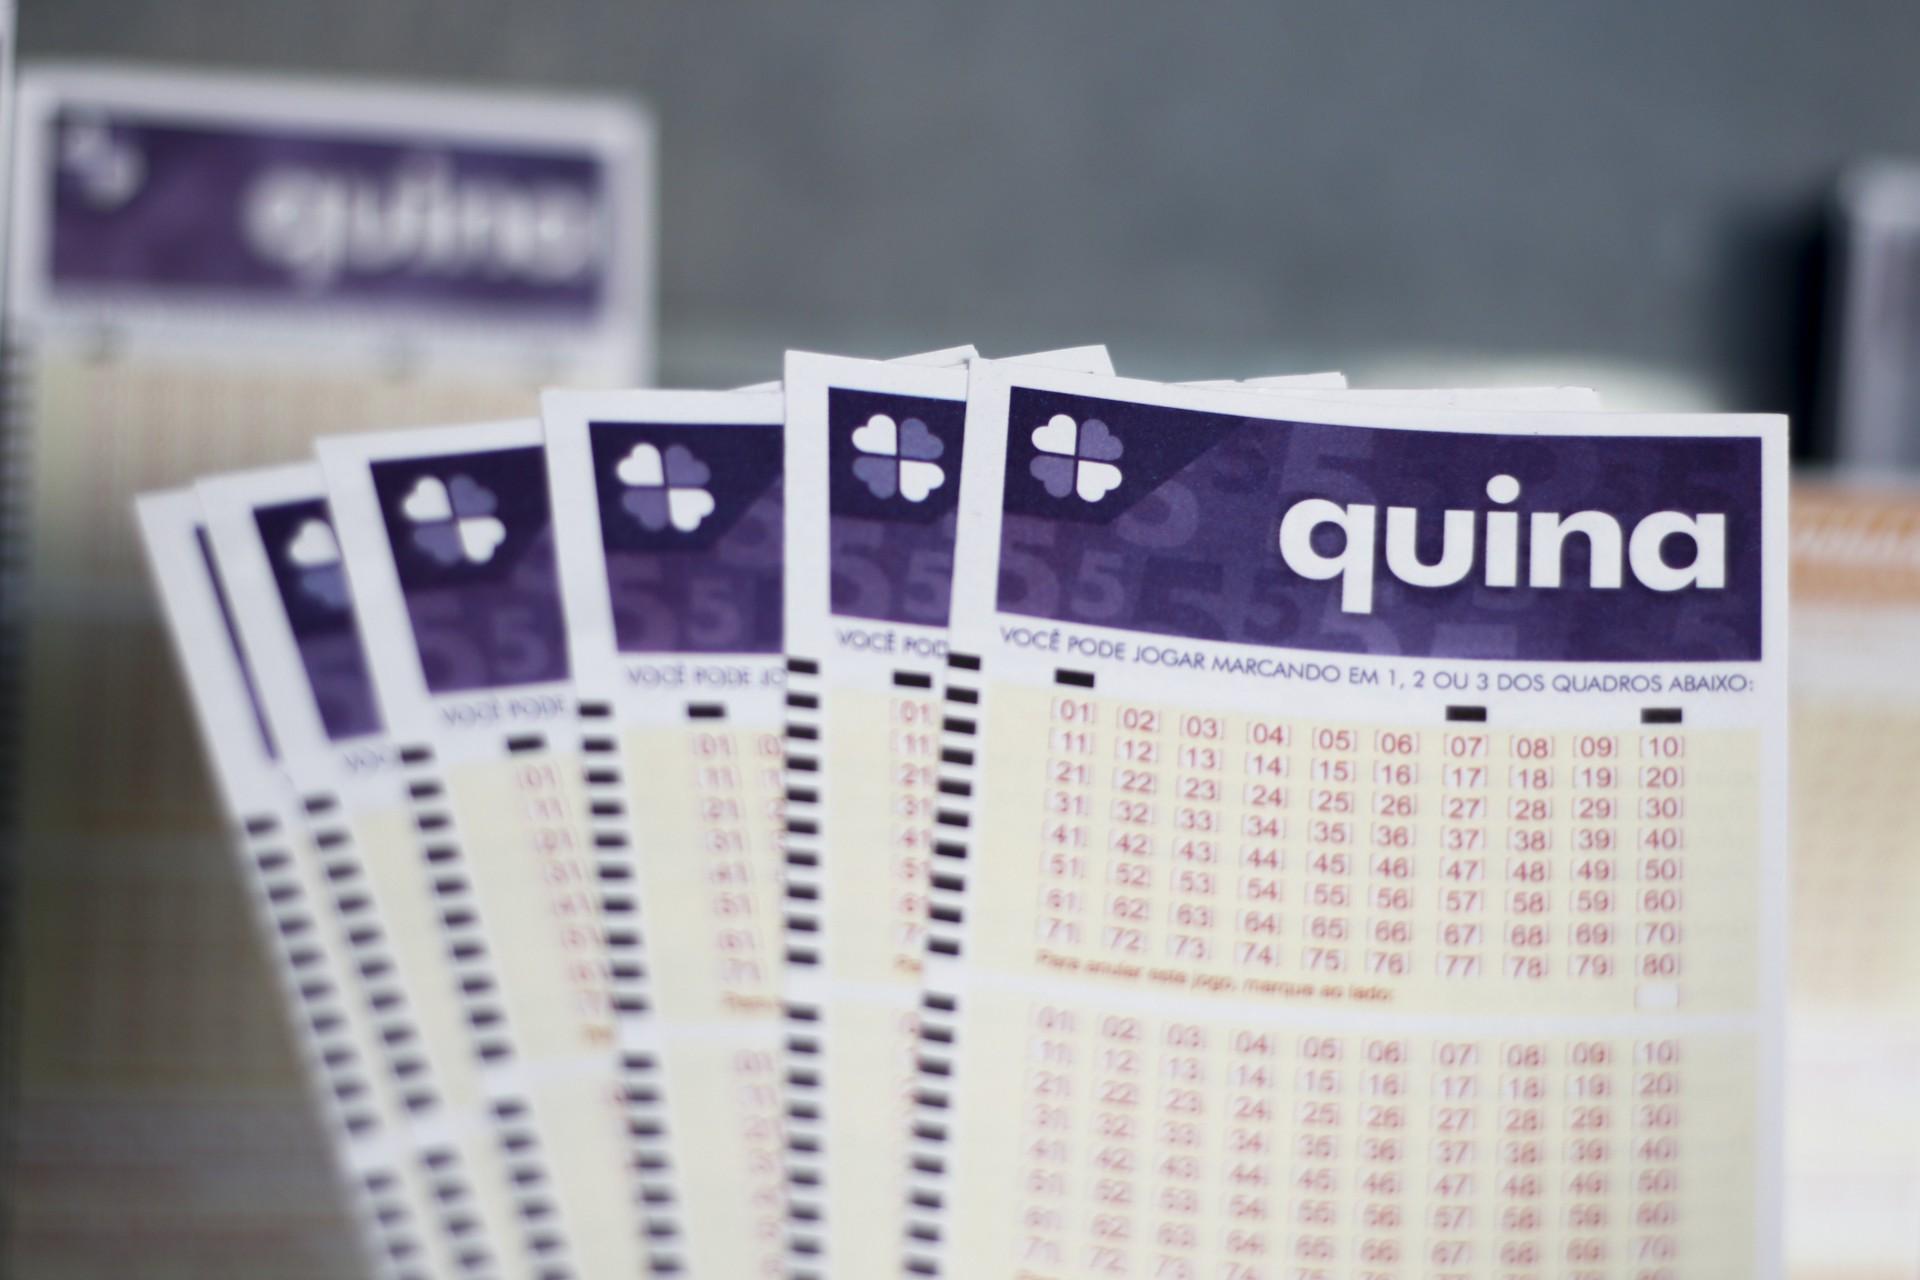 O resultado da Quina Concurso 5379 será divulgado na noite de hoje, quarta-feira, 30 de setembro (30/09), por volta das 20 horas. O prêmio da loteria está estimado em R$ 2,2 milhões